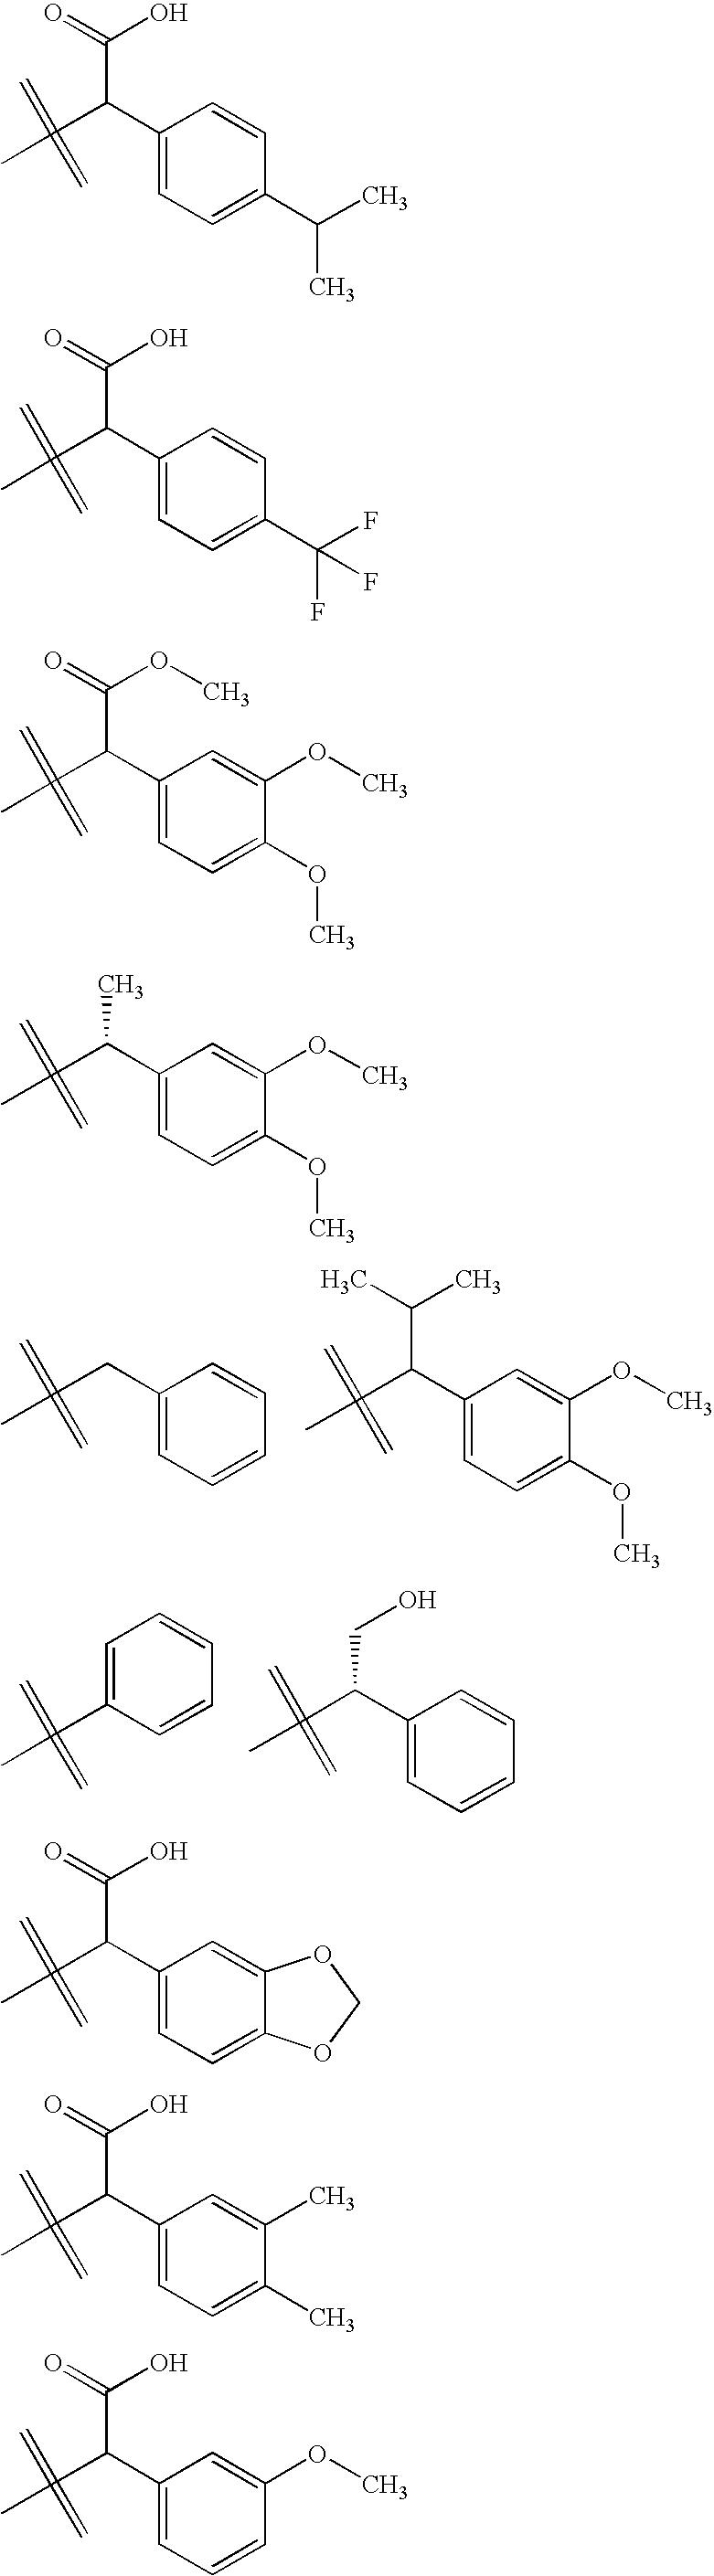 Figure US20070049593A1-20070301-C00088